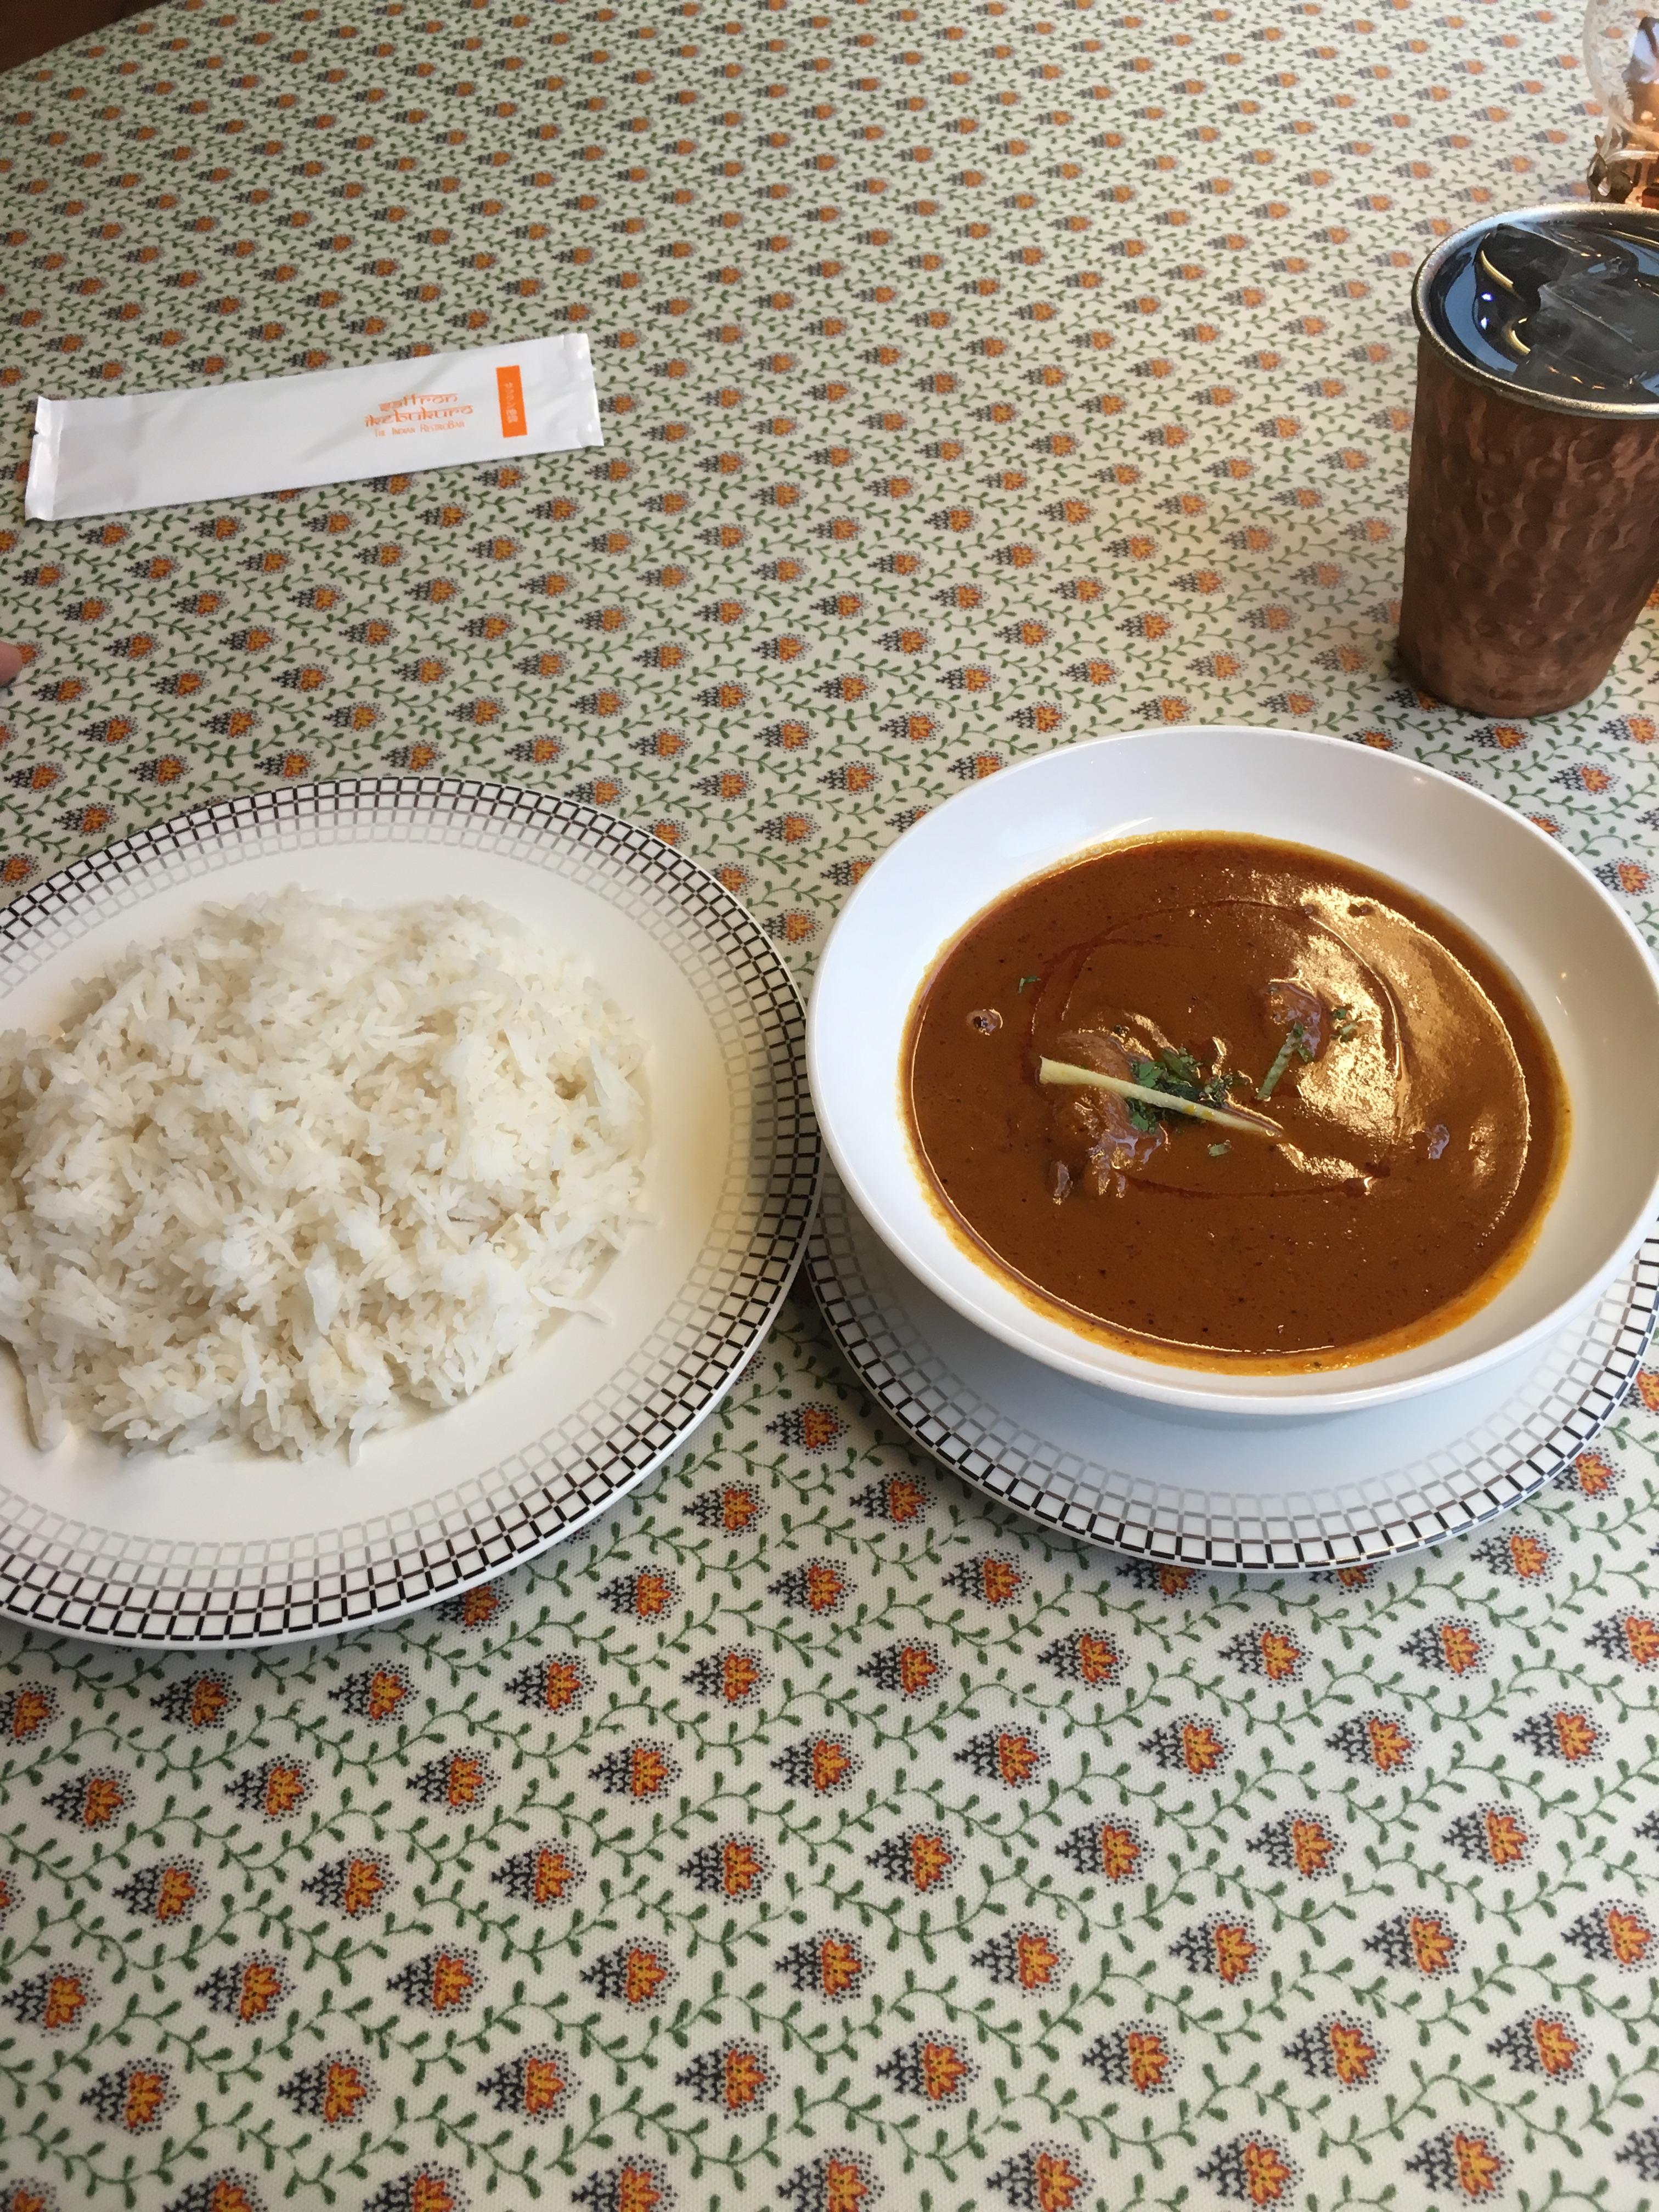 東京の激辛料理!サフラン池袋「世界一辛いカレーセット」を食べきれるか?